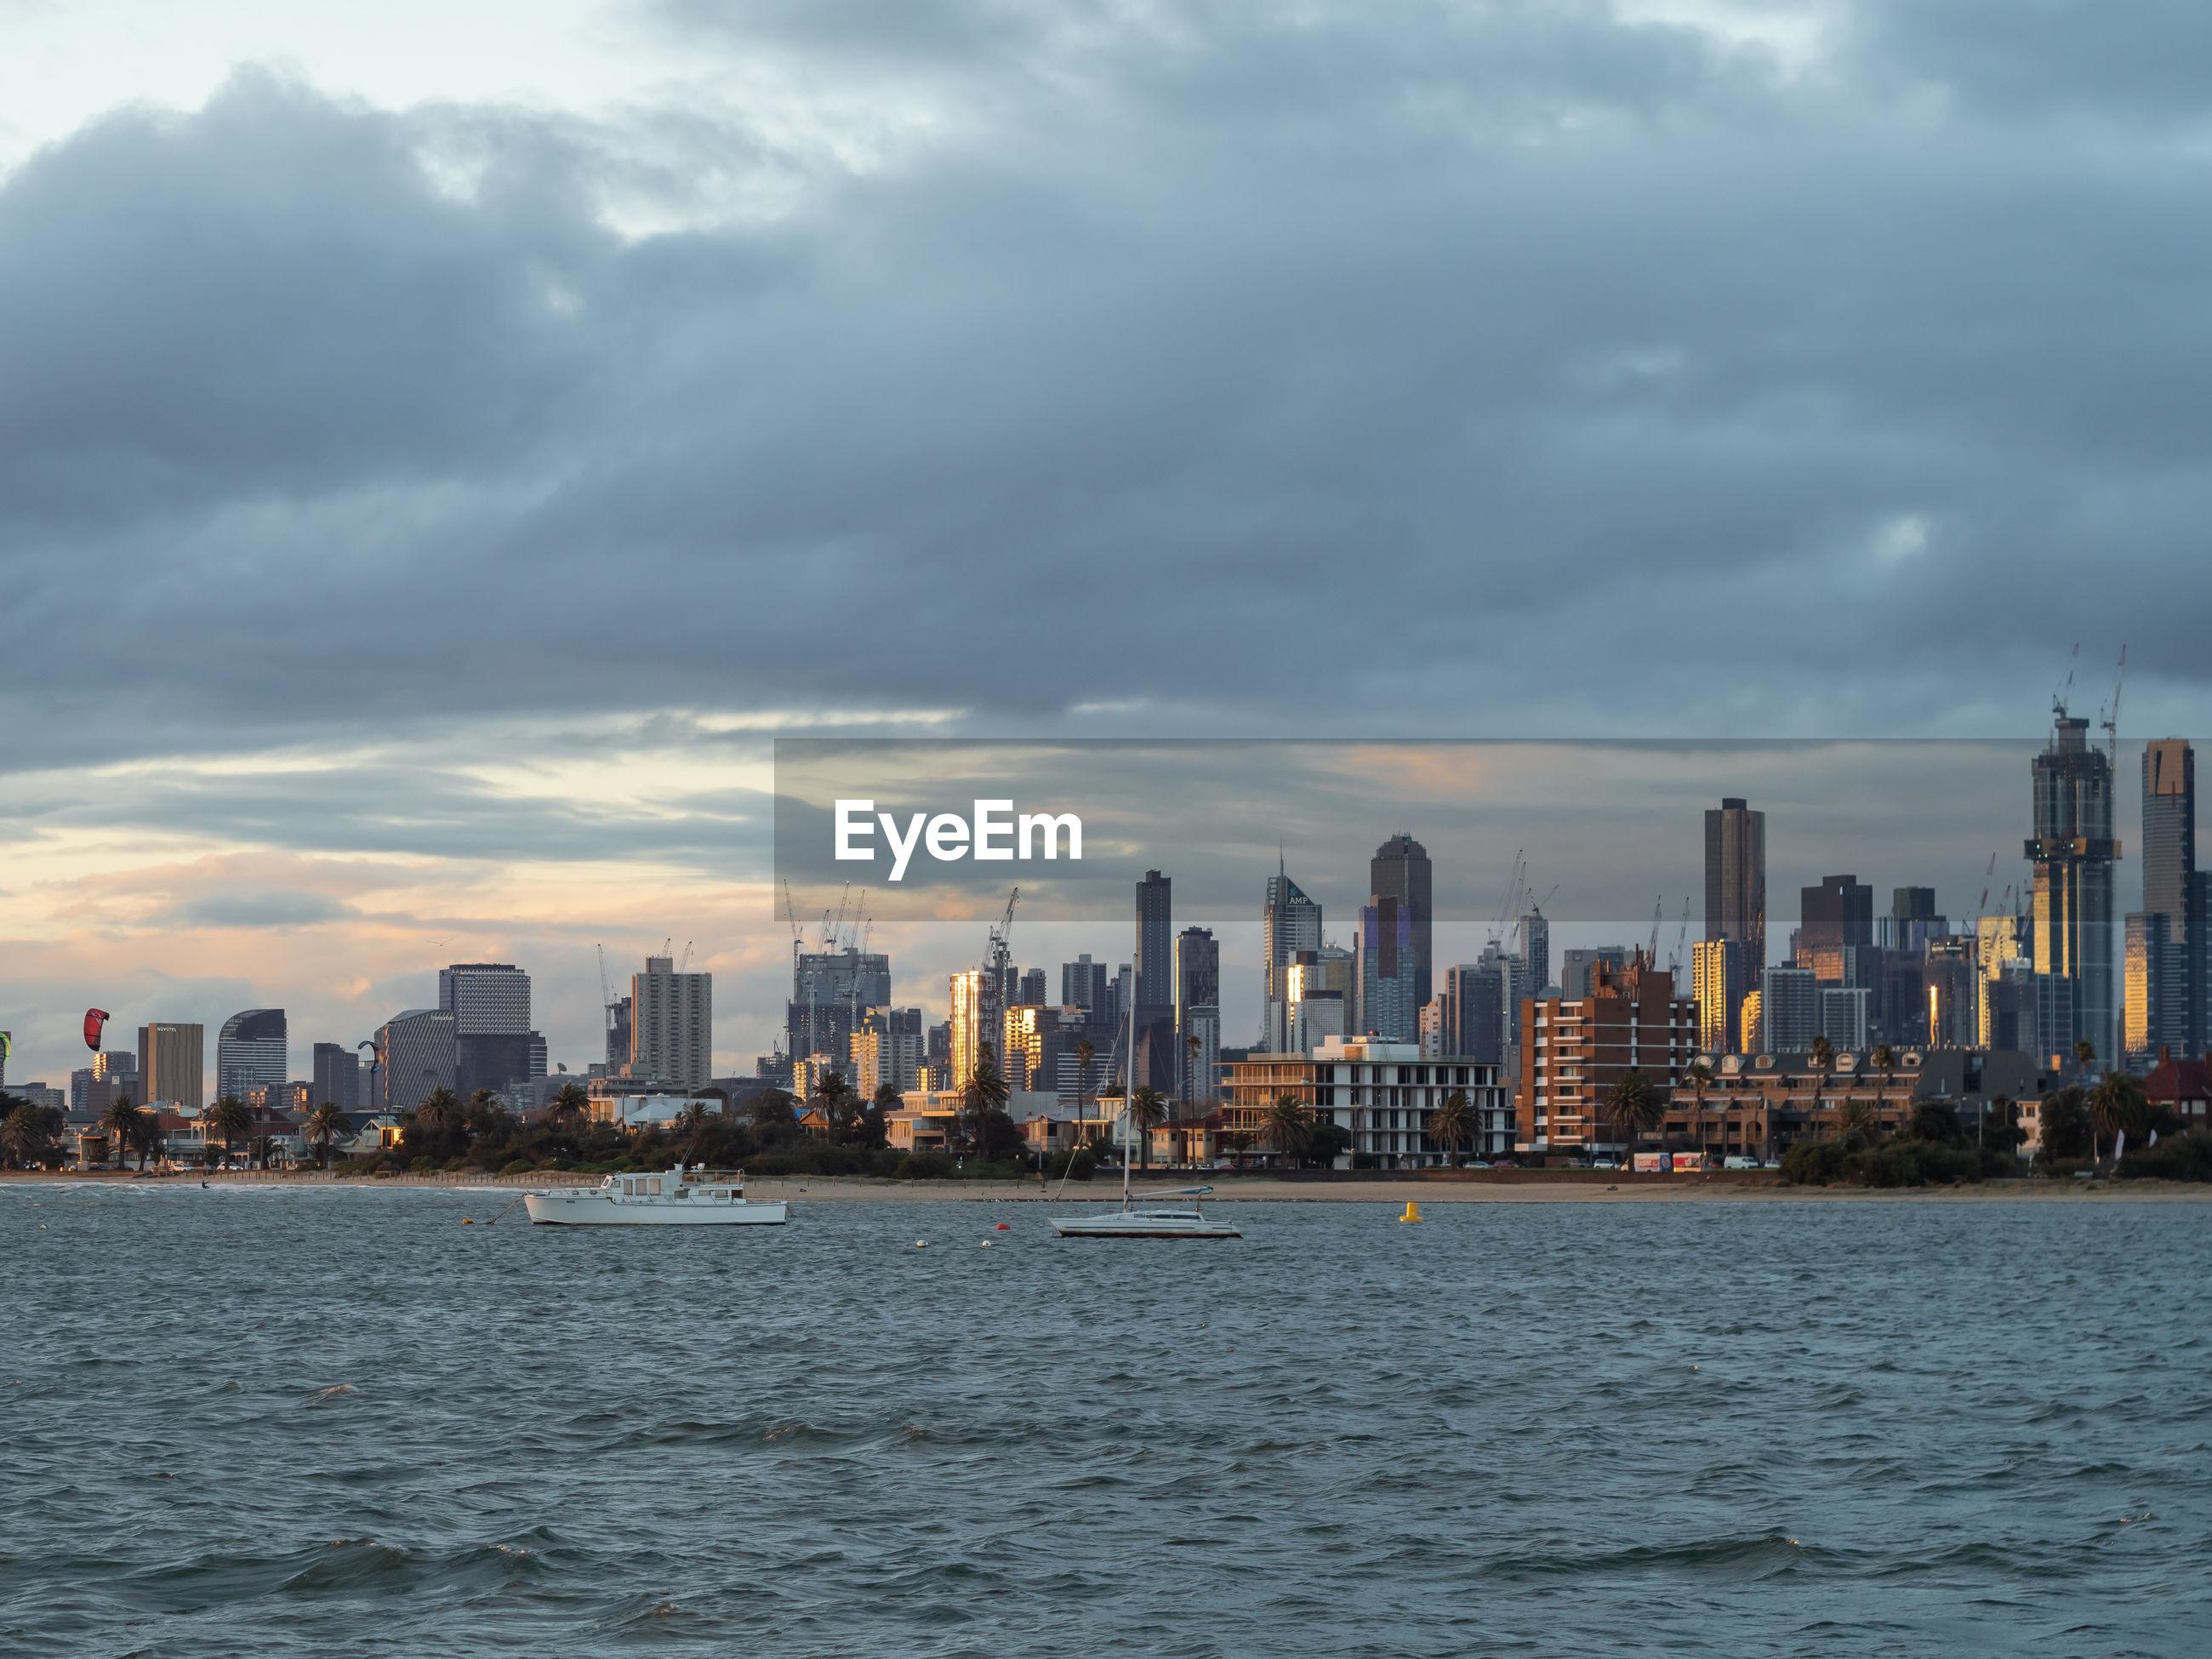 Sea by buildings against sky in city